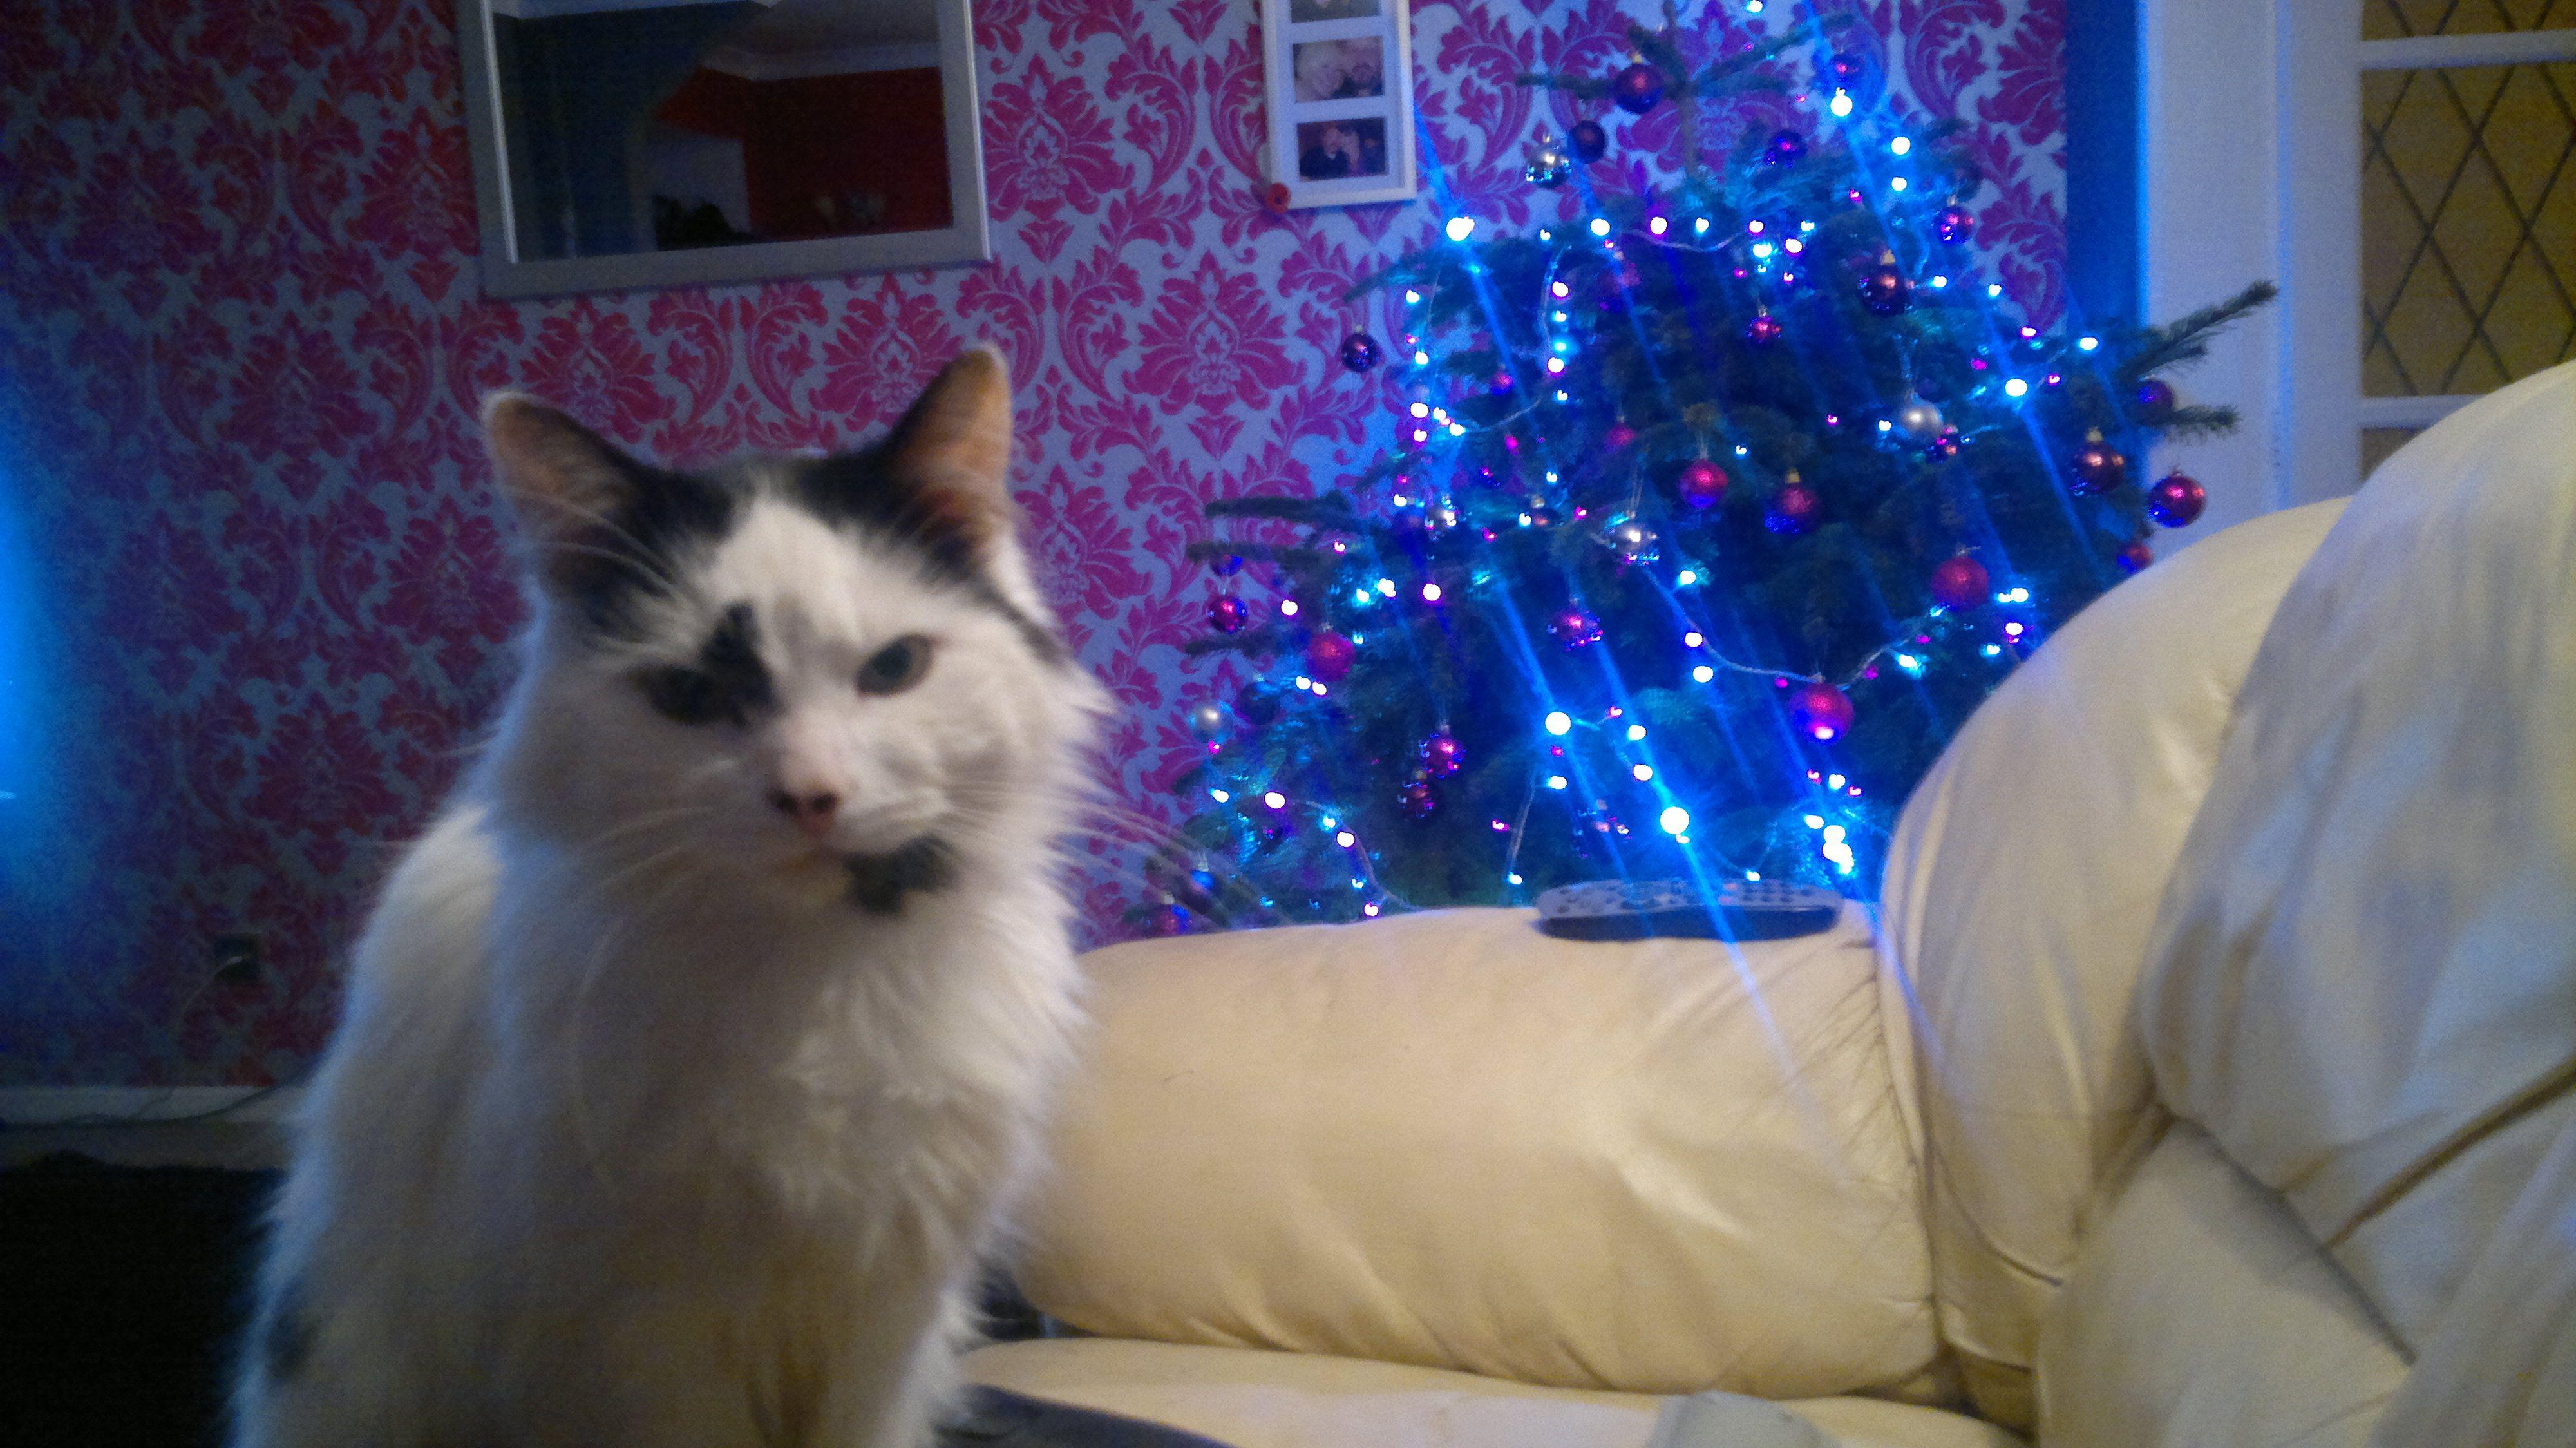 Elmo the Christmas cat